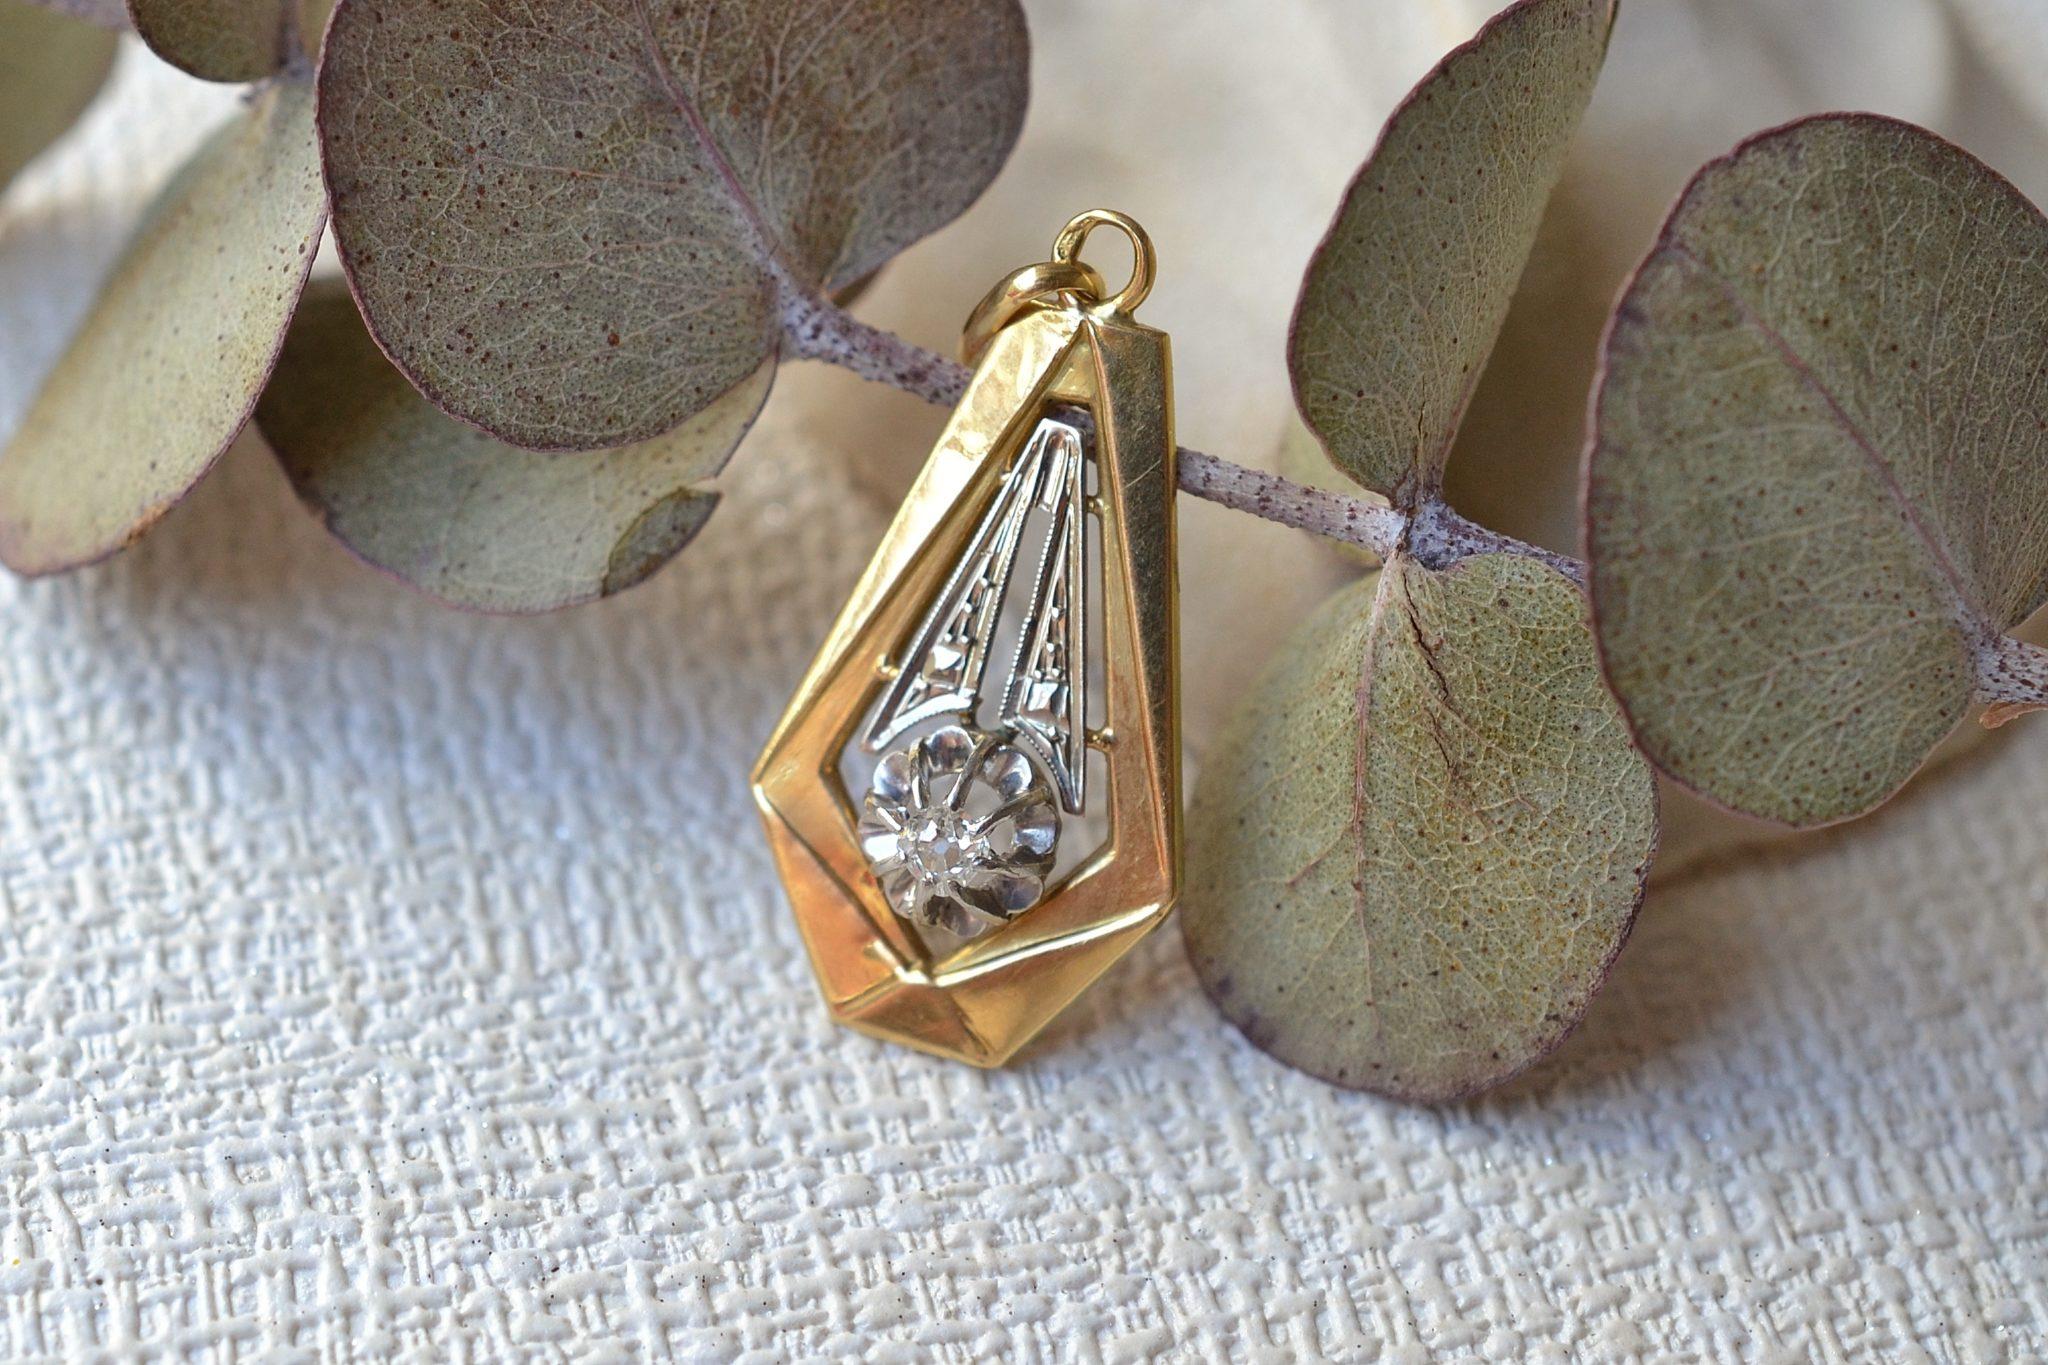 Pendentif en Or deux tons orné d_un petit diamant taille ancienne - bijou éthique et éco-responsable